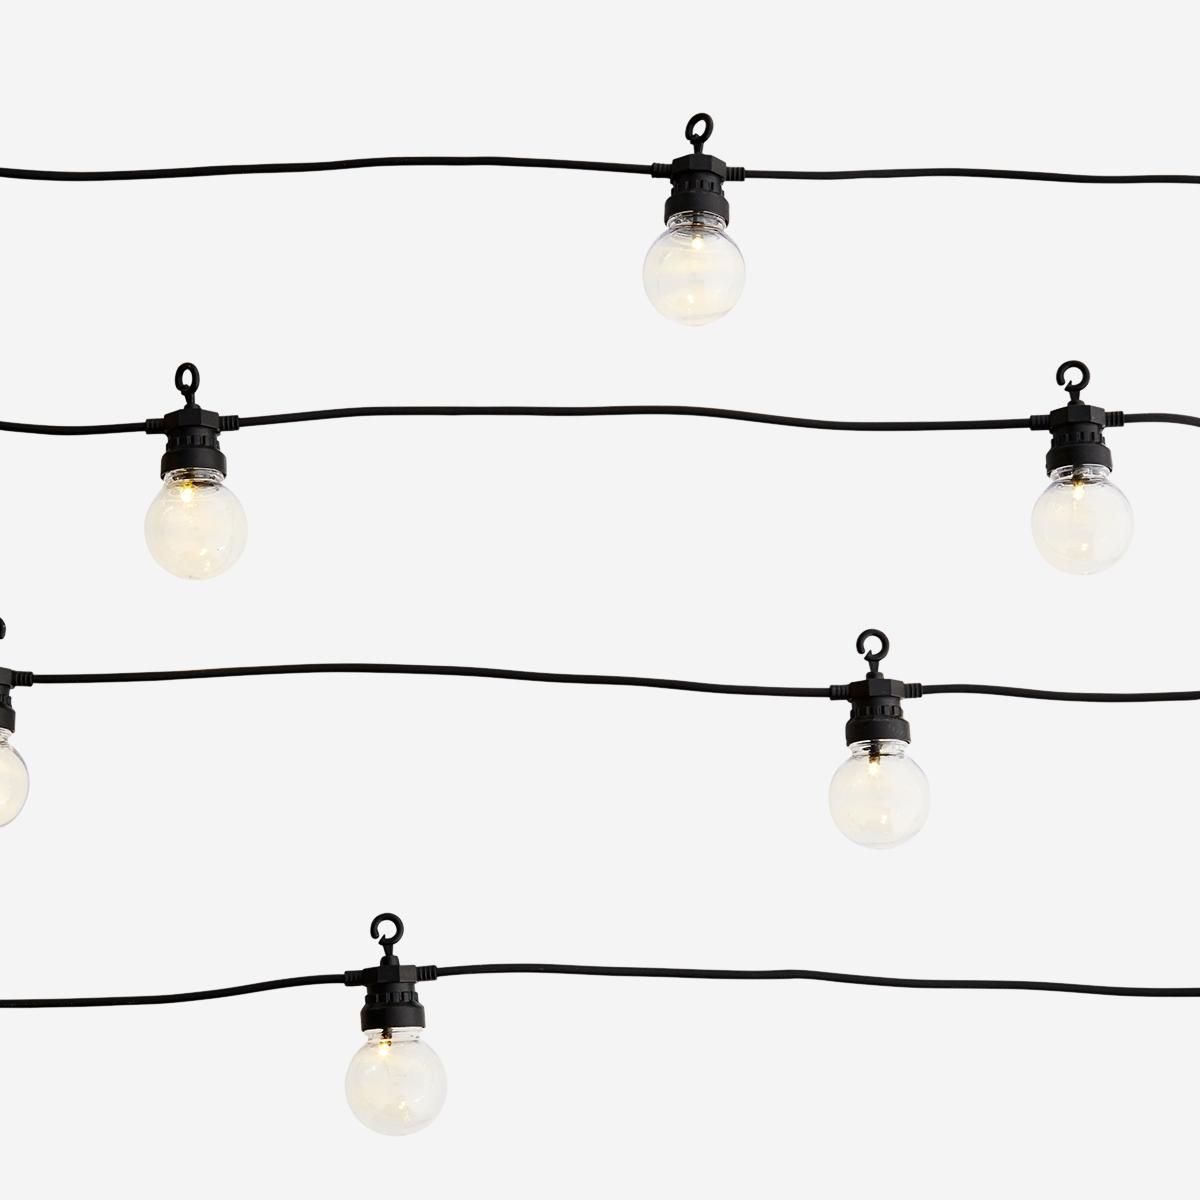 Lampjes Outdoor string lights 8,5m Black-1